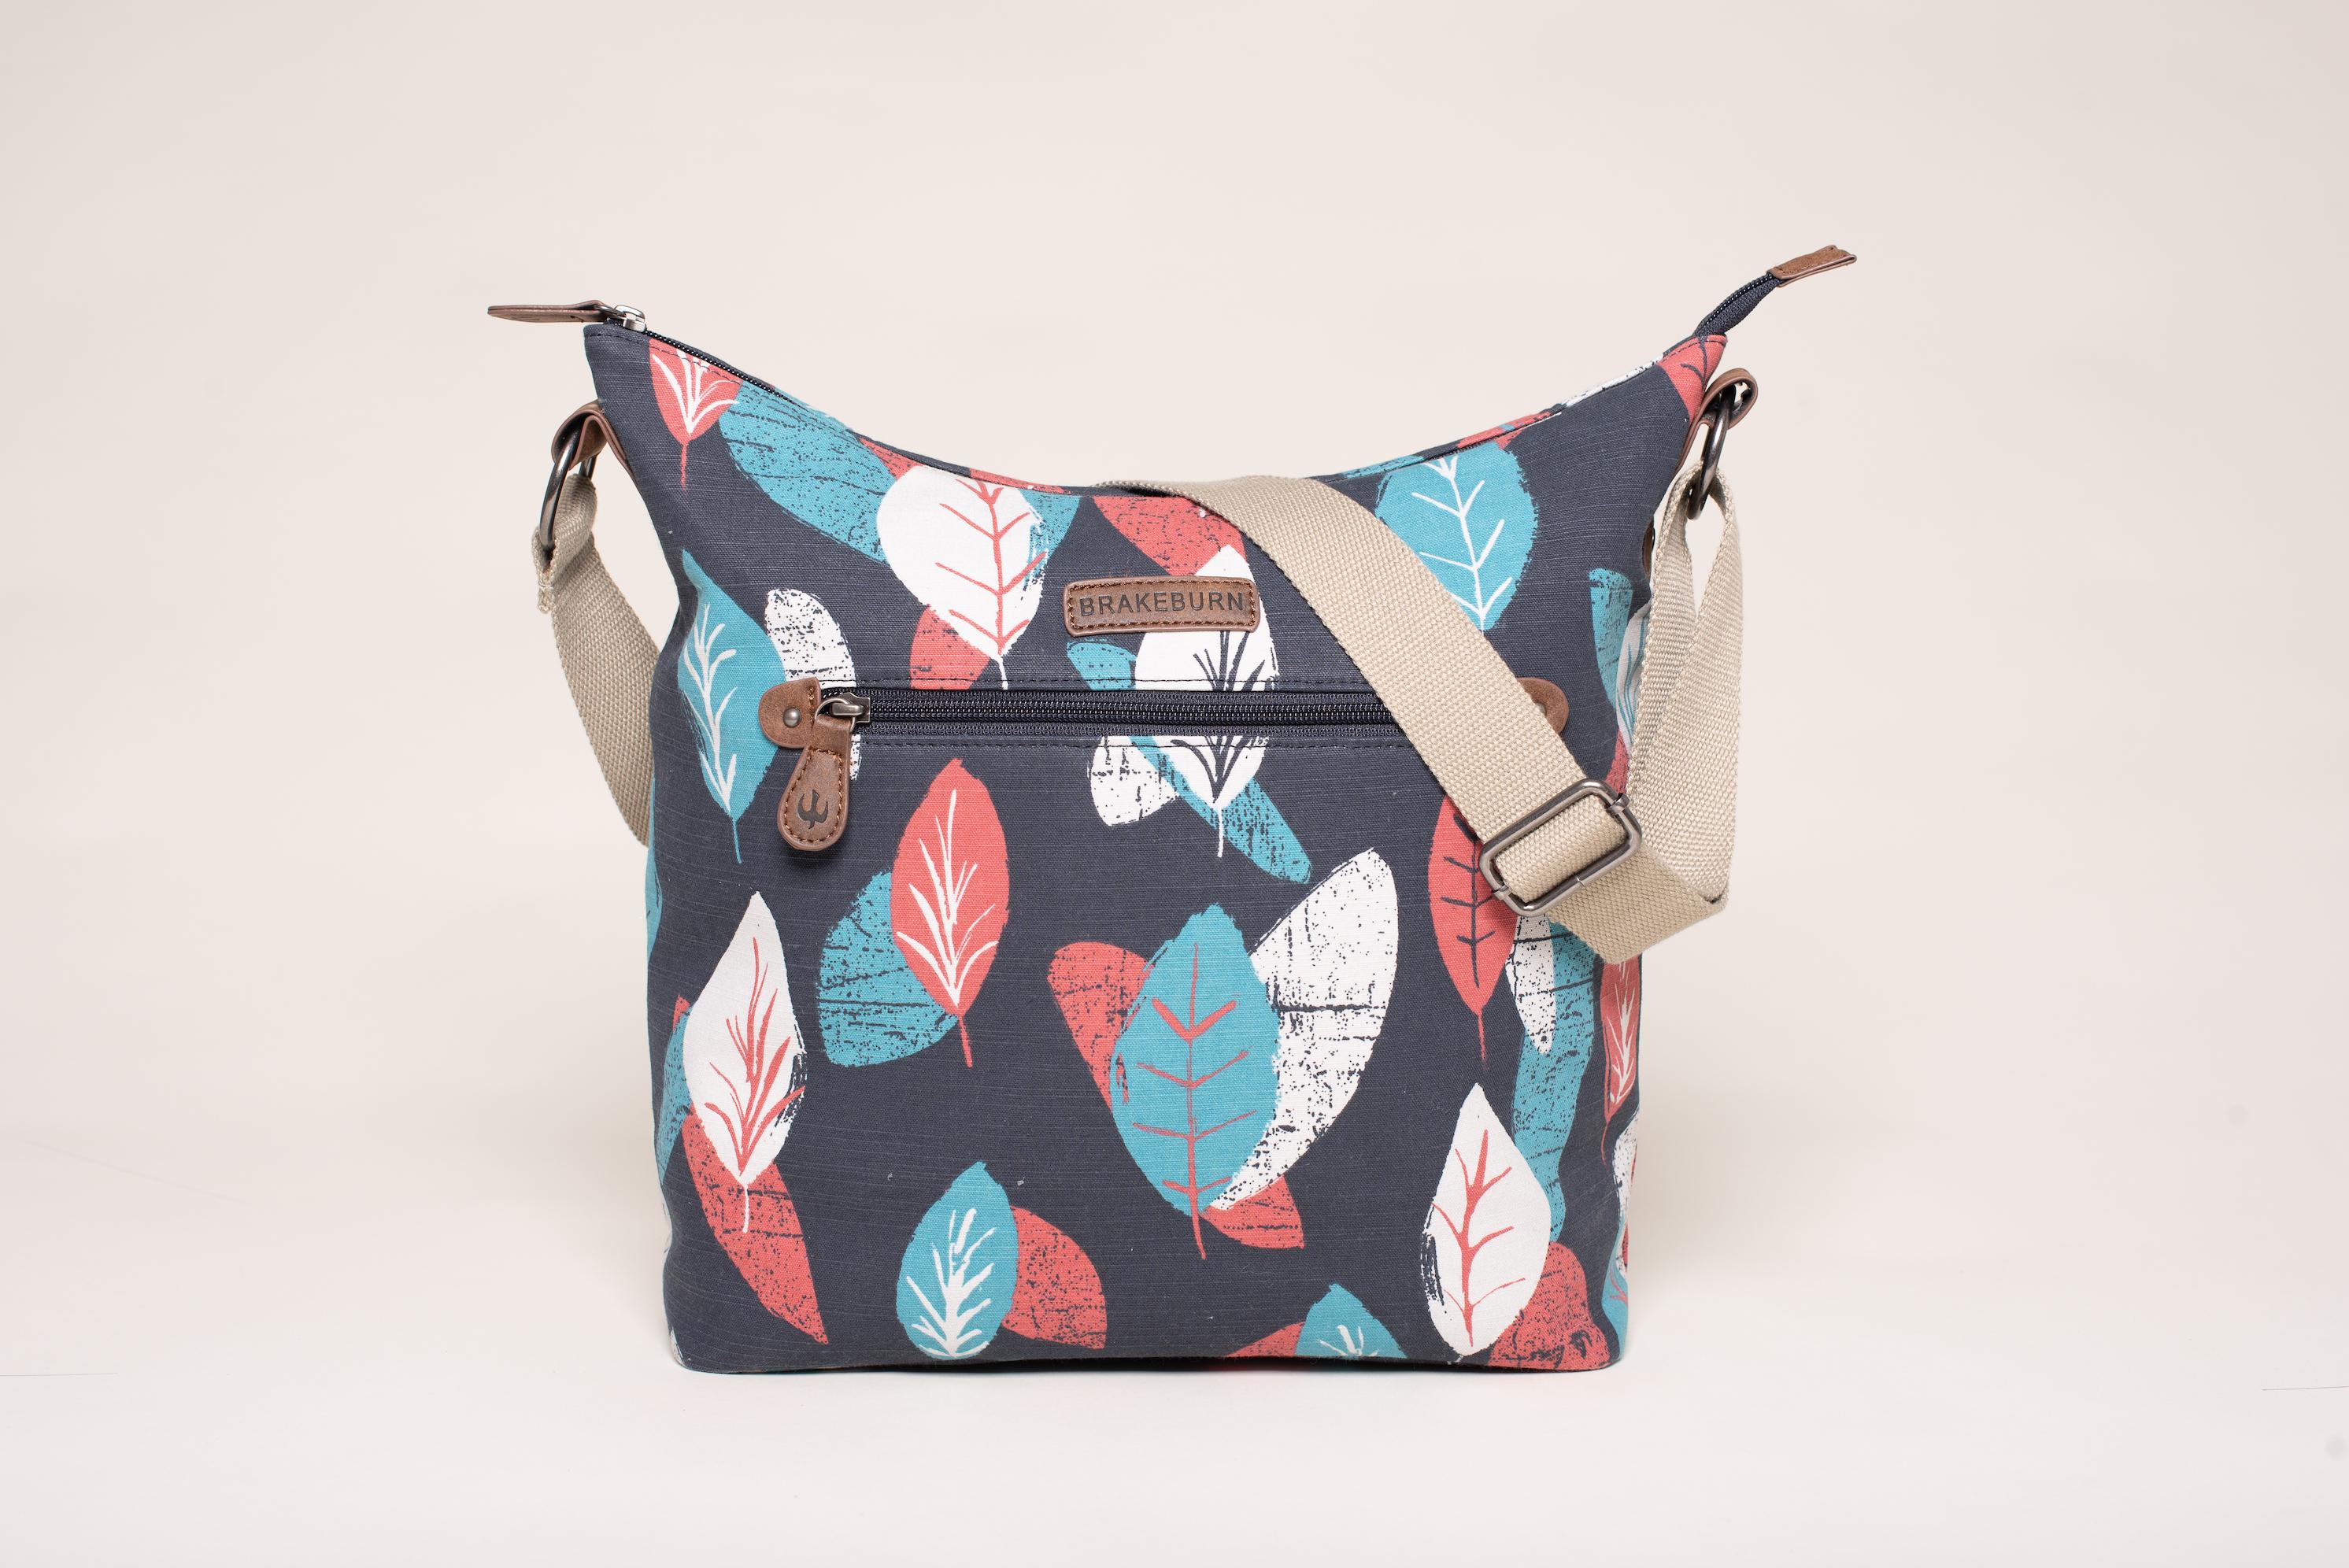 Brakeburn Textured Leaf Hobo Bag